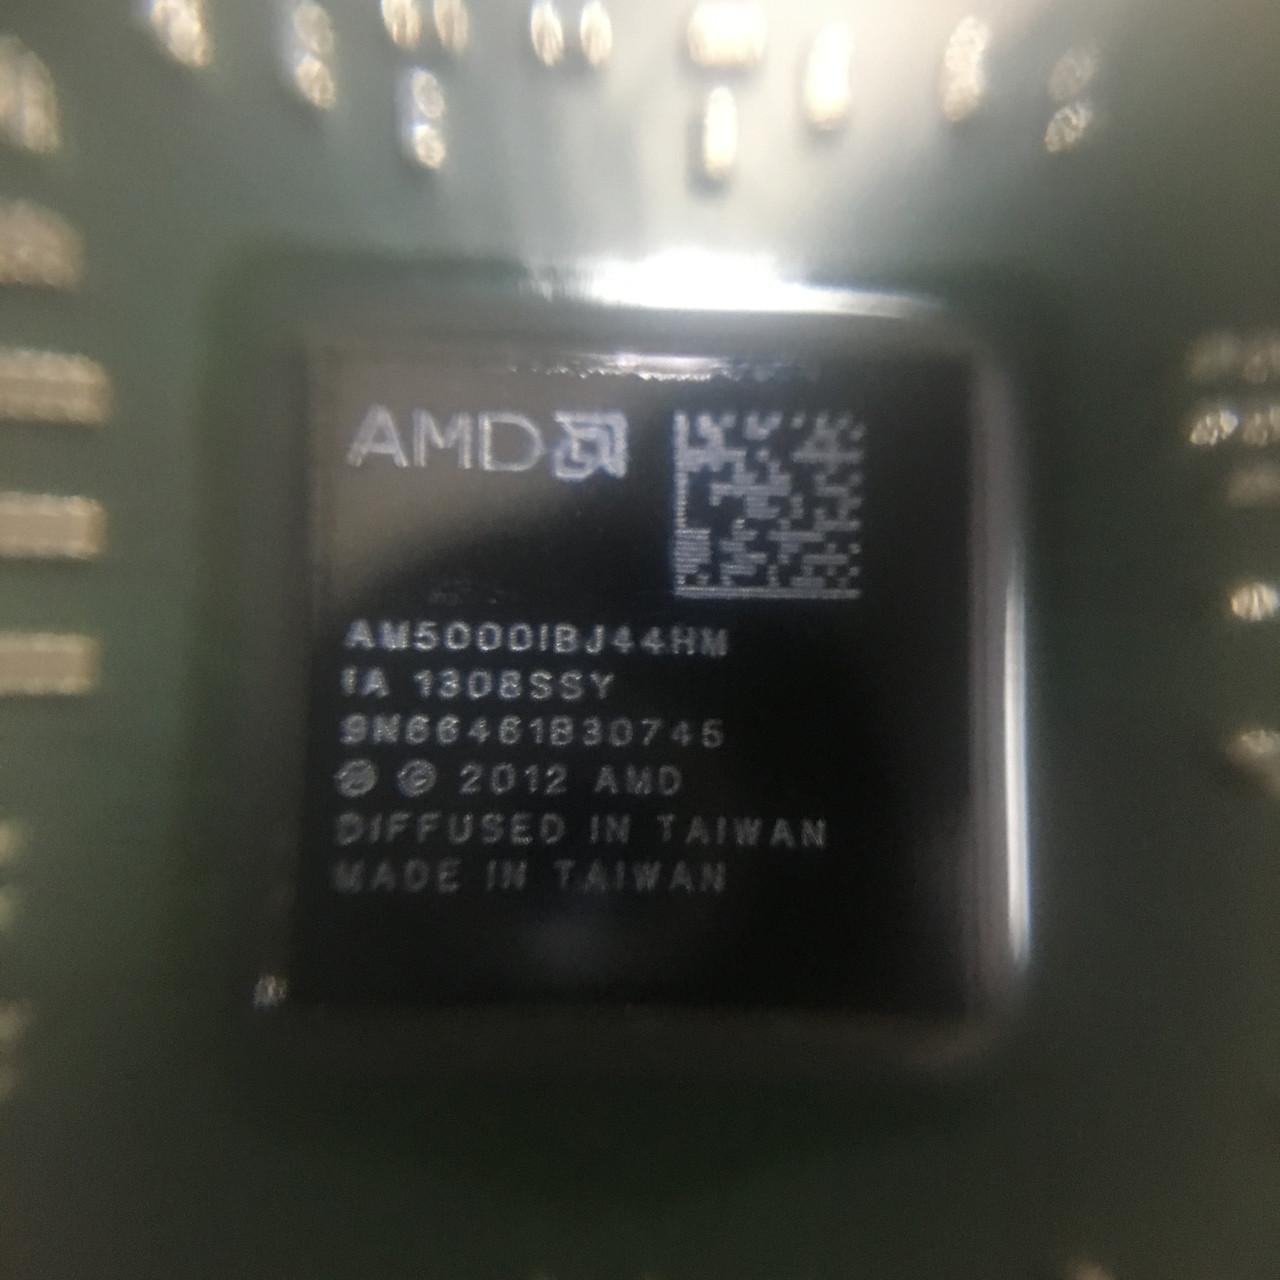 am5000ibj44hm нет изображения